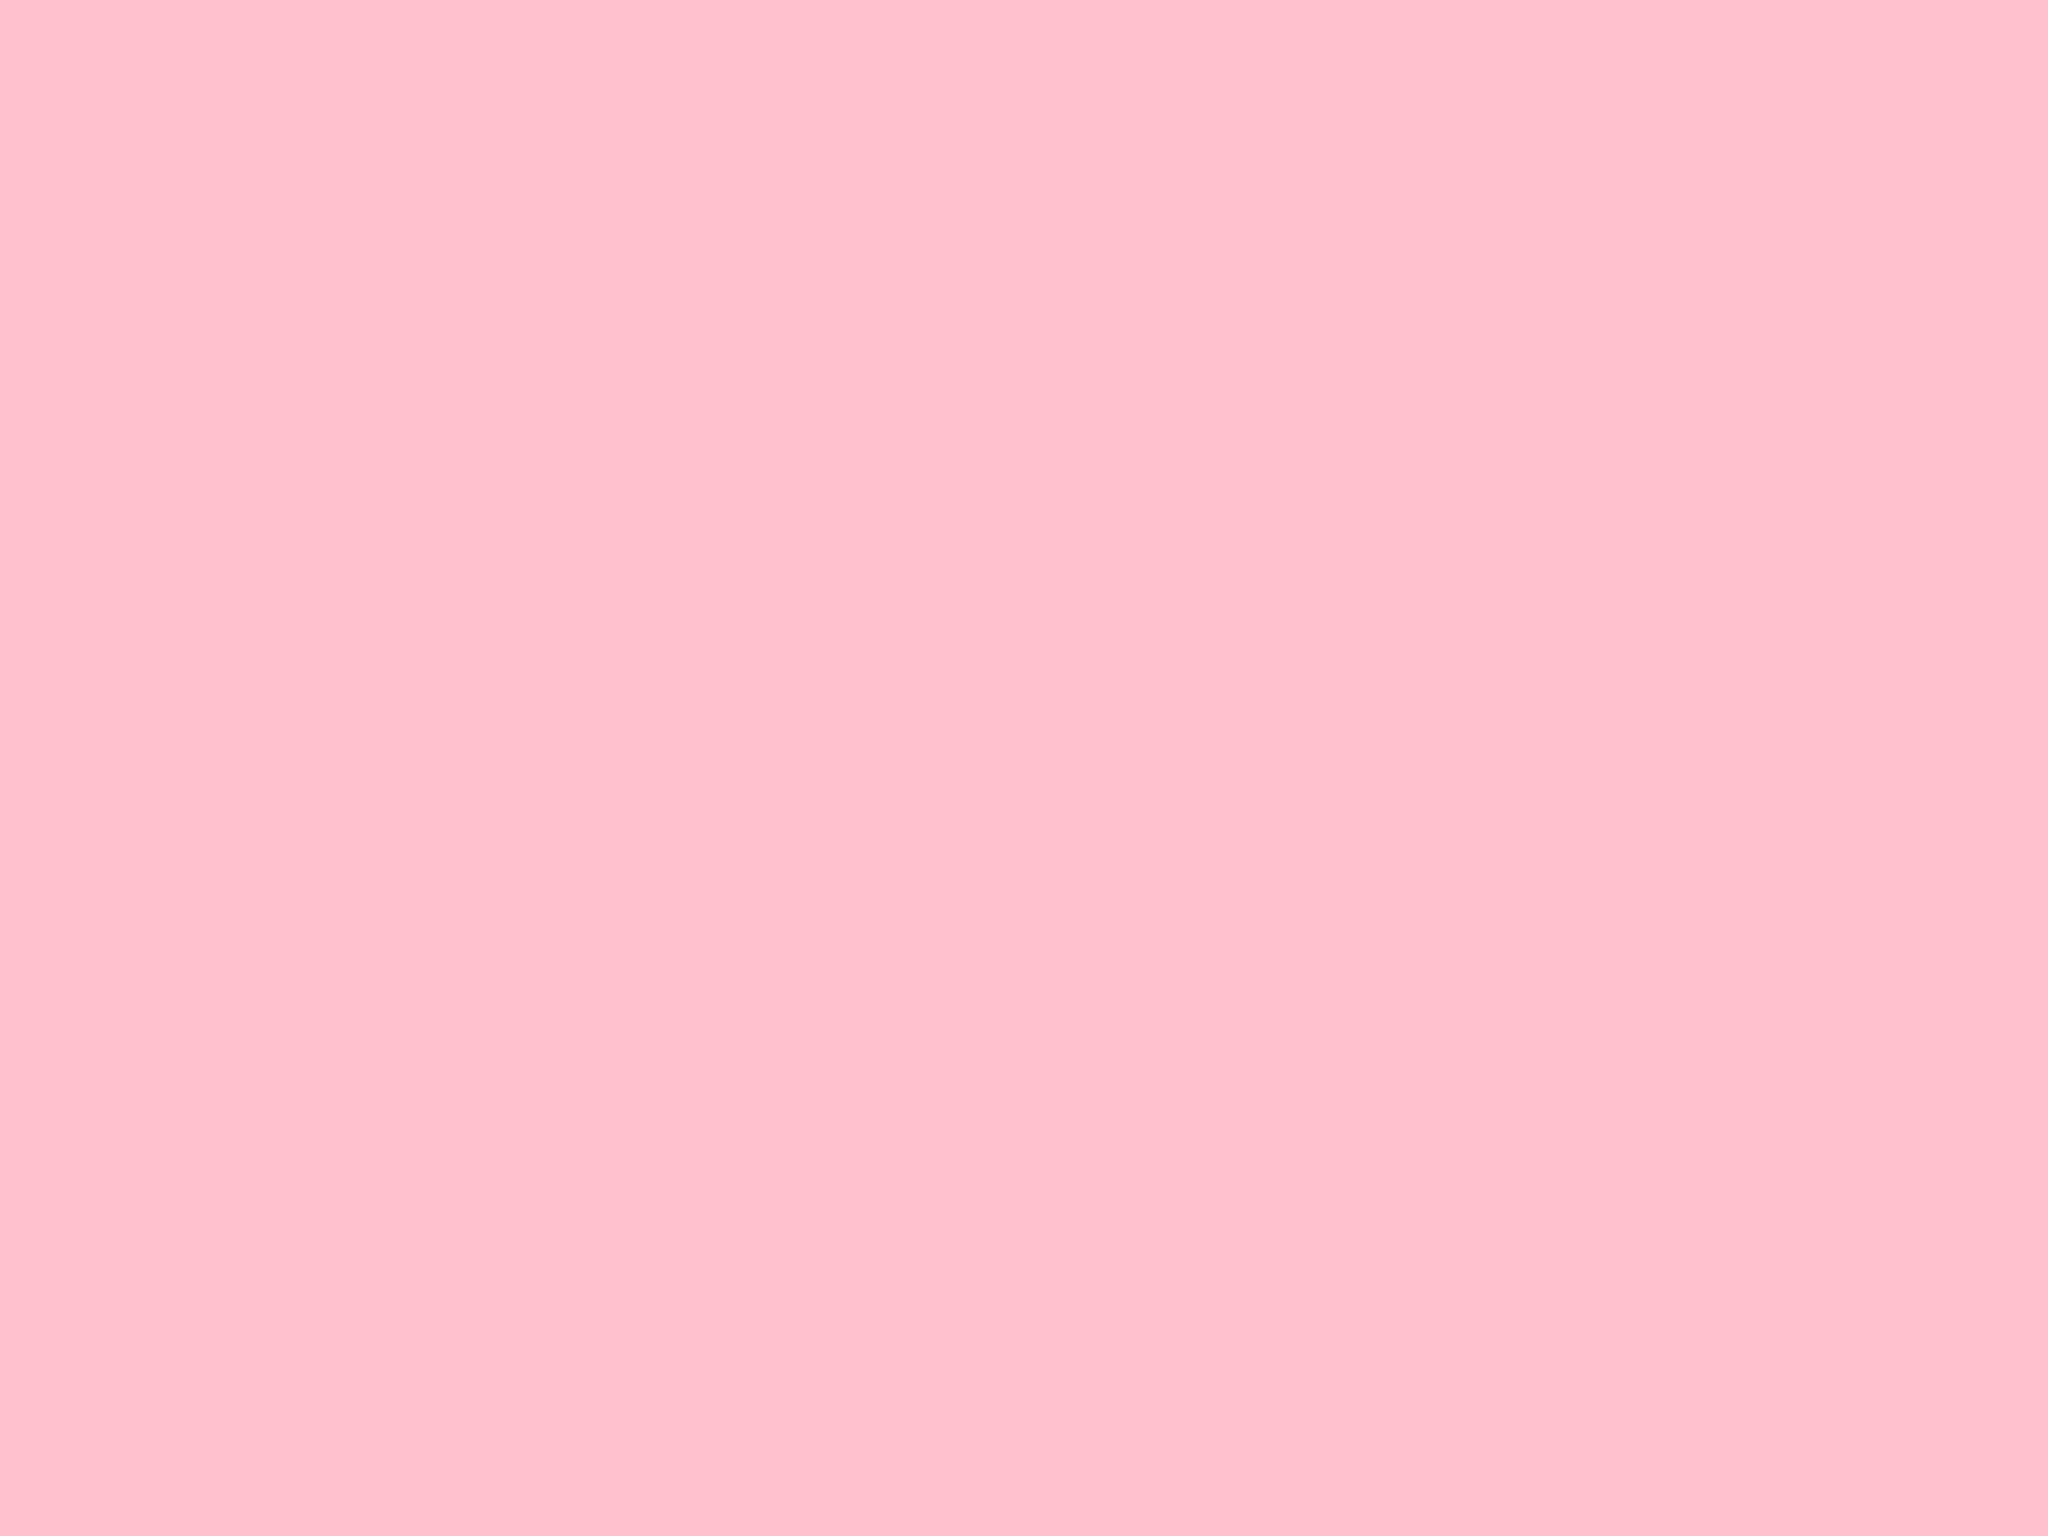 2048x1536 Bubble Gum Solid Color Background